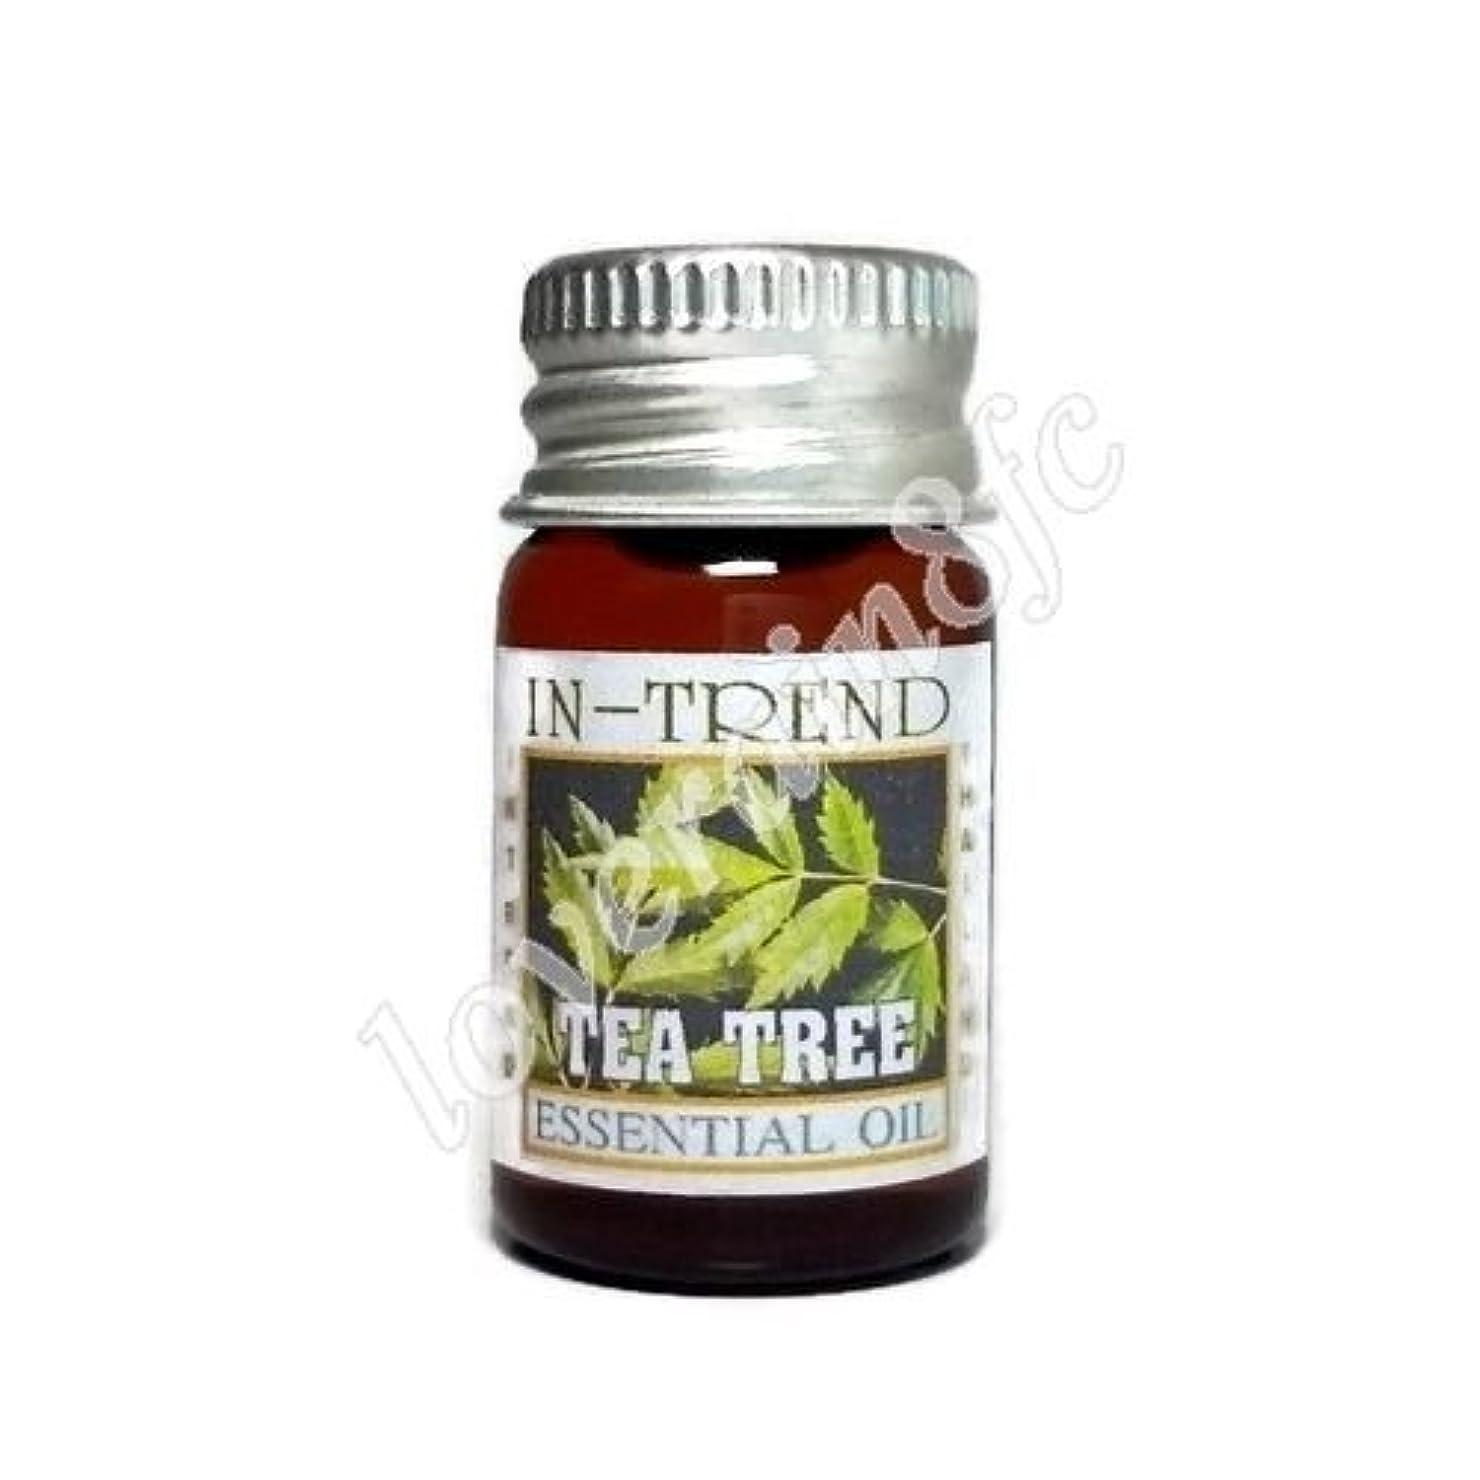 カウント間違えたホバート純粋基本油 5ml 治療級 アロマセラピー US送料無料 - Tea Tree